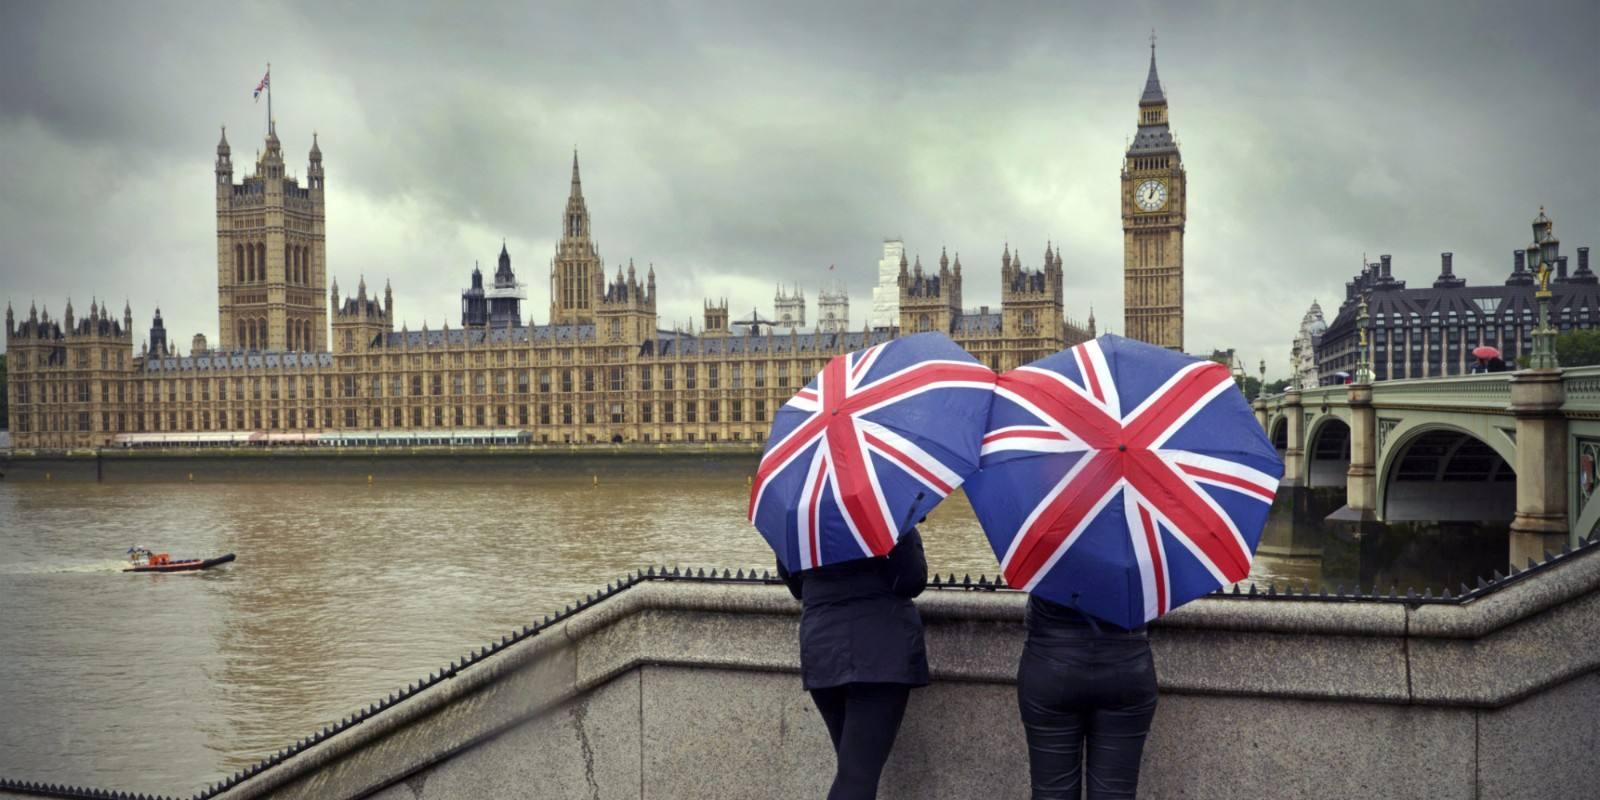 国际物流到英国深圳苏州北京寄多少钱,费用